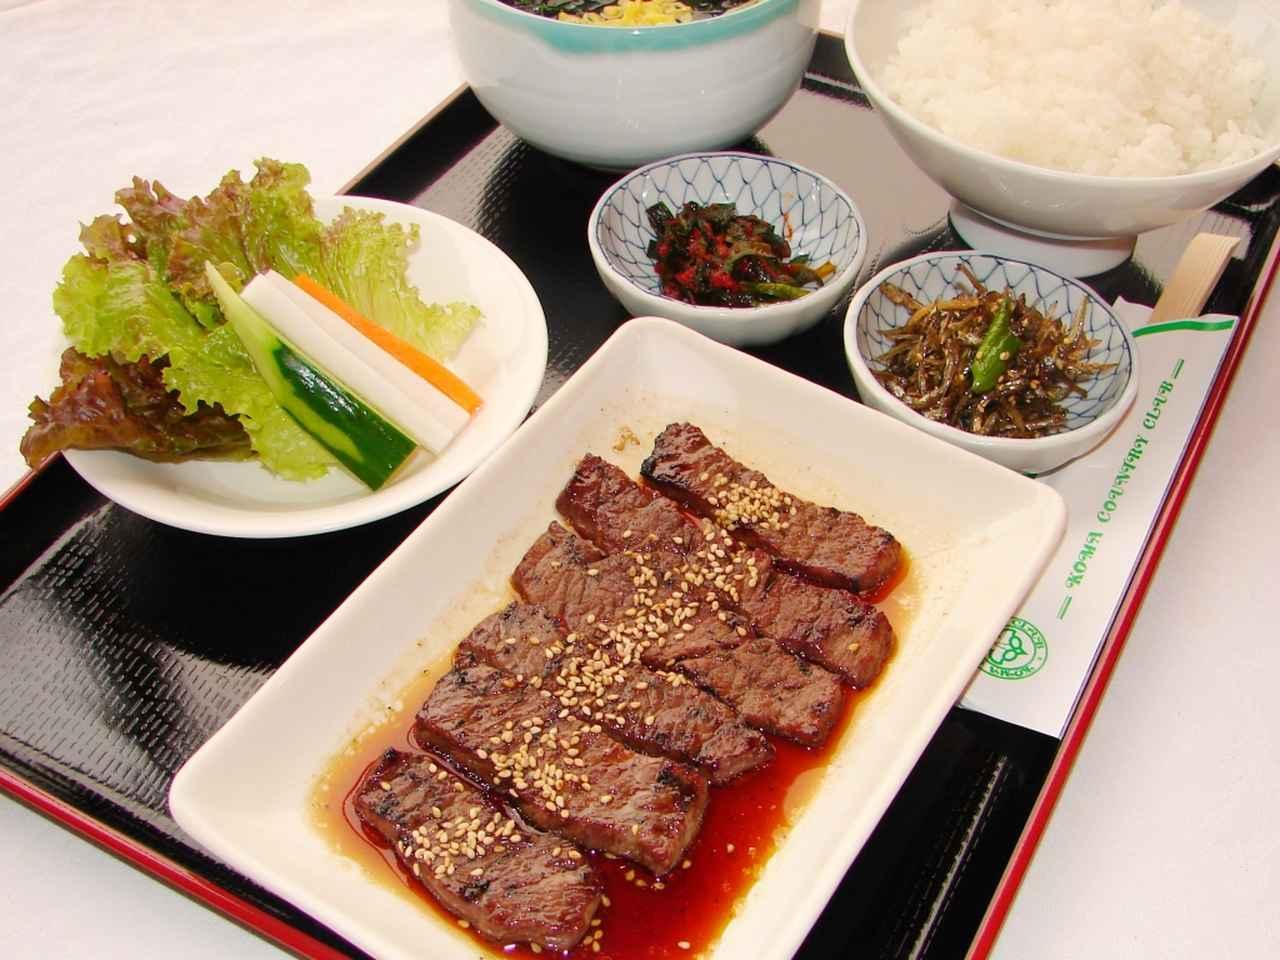 画像: KOMAカントリークラブの人気メニュー「ハラミ焼肉定食」